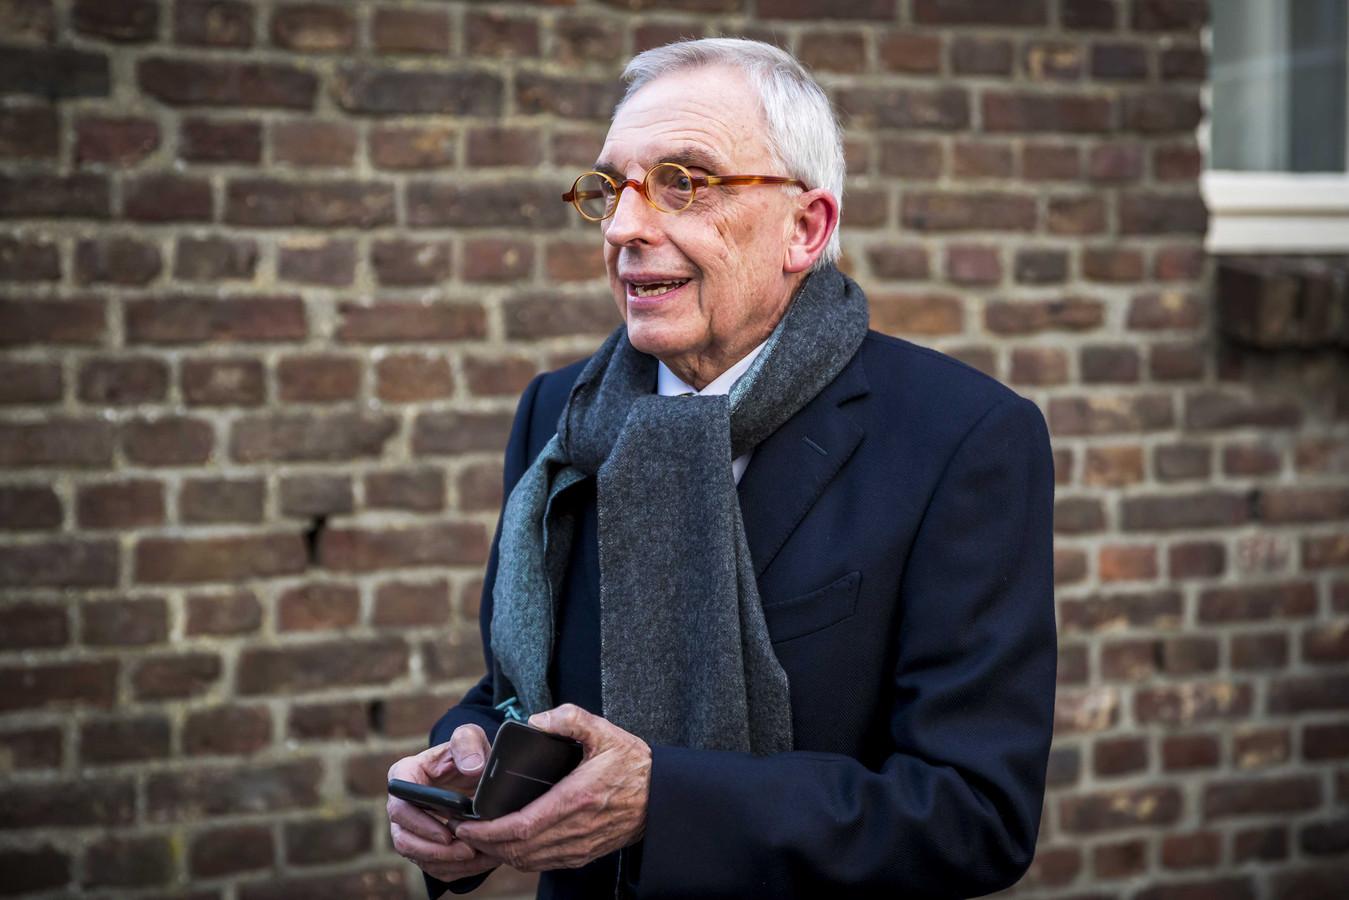 Een Limburgse ondernemer wil dat het boek van Jos van Rey uit de handel wordt genomen.